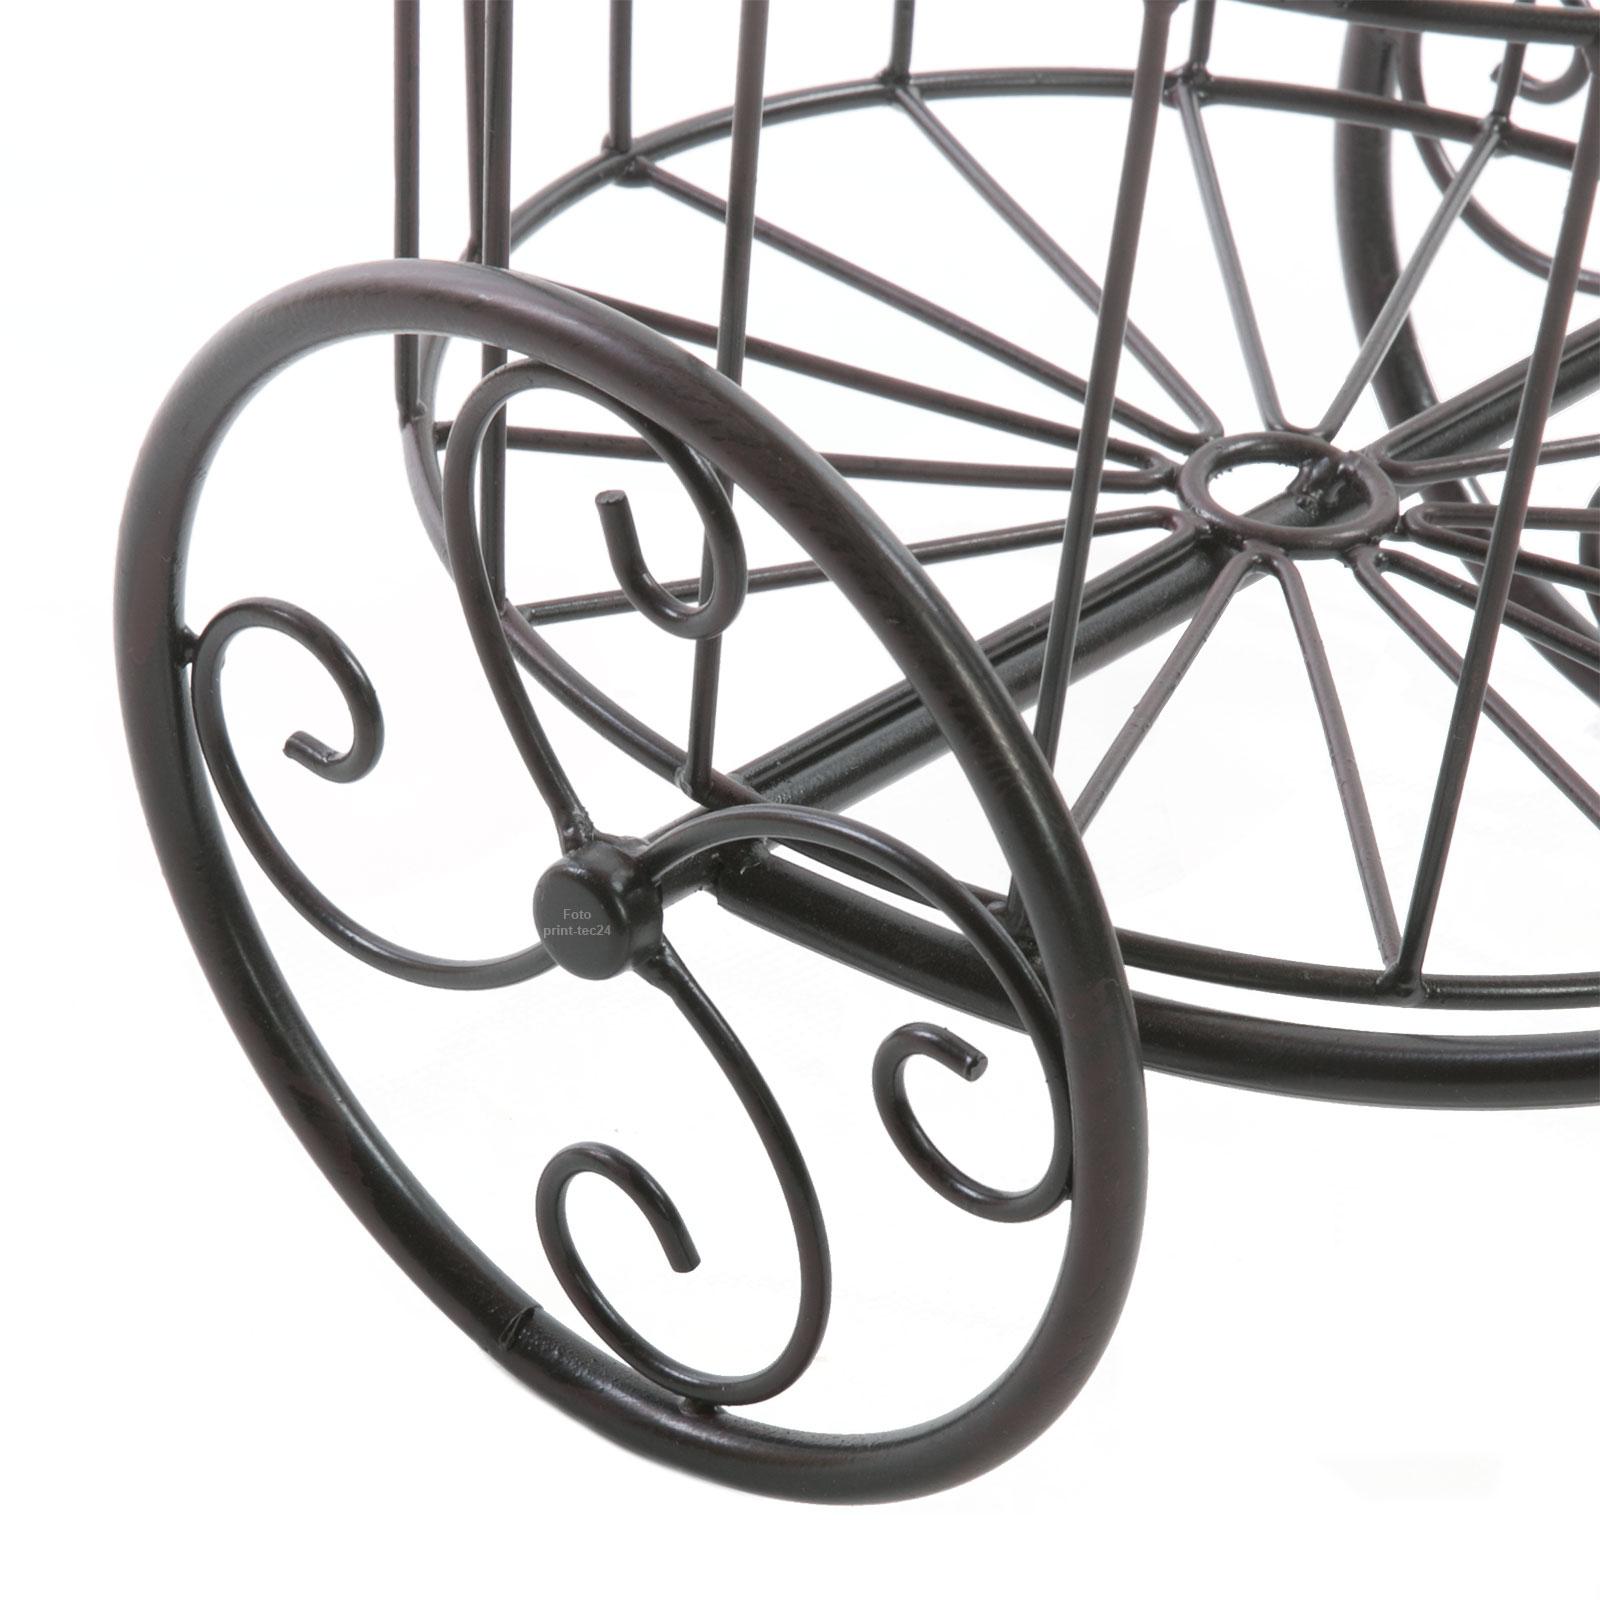 pflanzfahrrad metall schwarz blumenfahrrad fahrrad pflanzkorb blumentopfhalter ebay. Black Bedroom Furniture Sets. Home Design Ideas